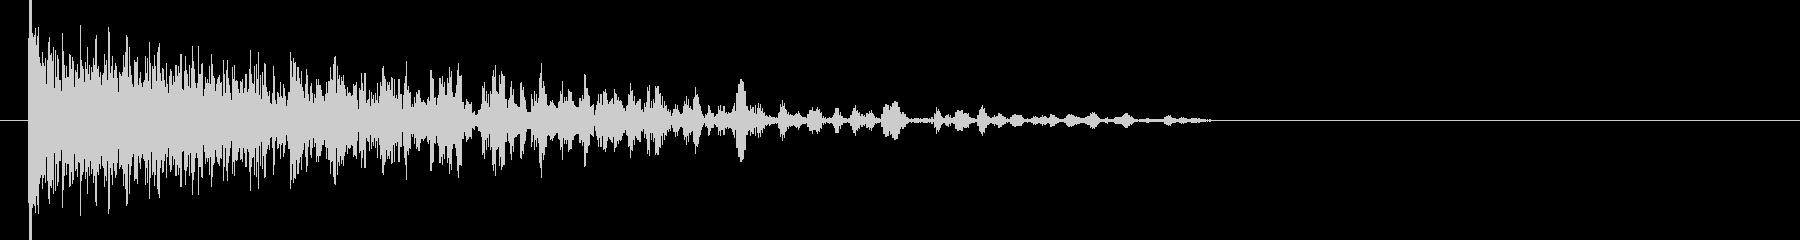 映画告知音159 ドーンの未再生の波形